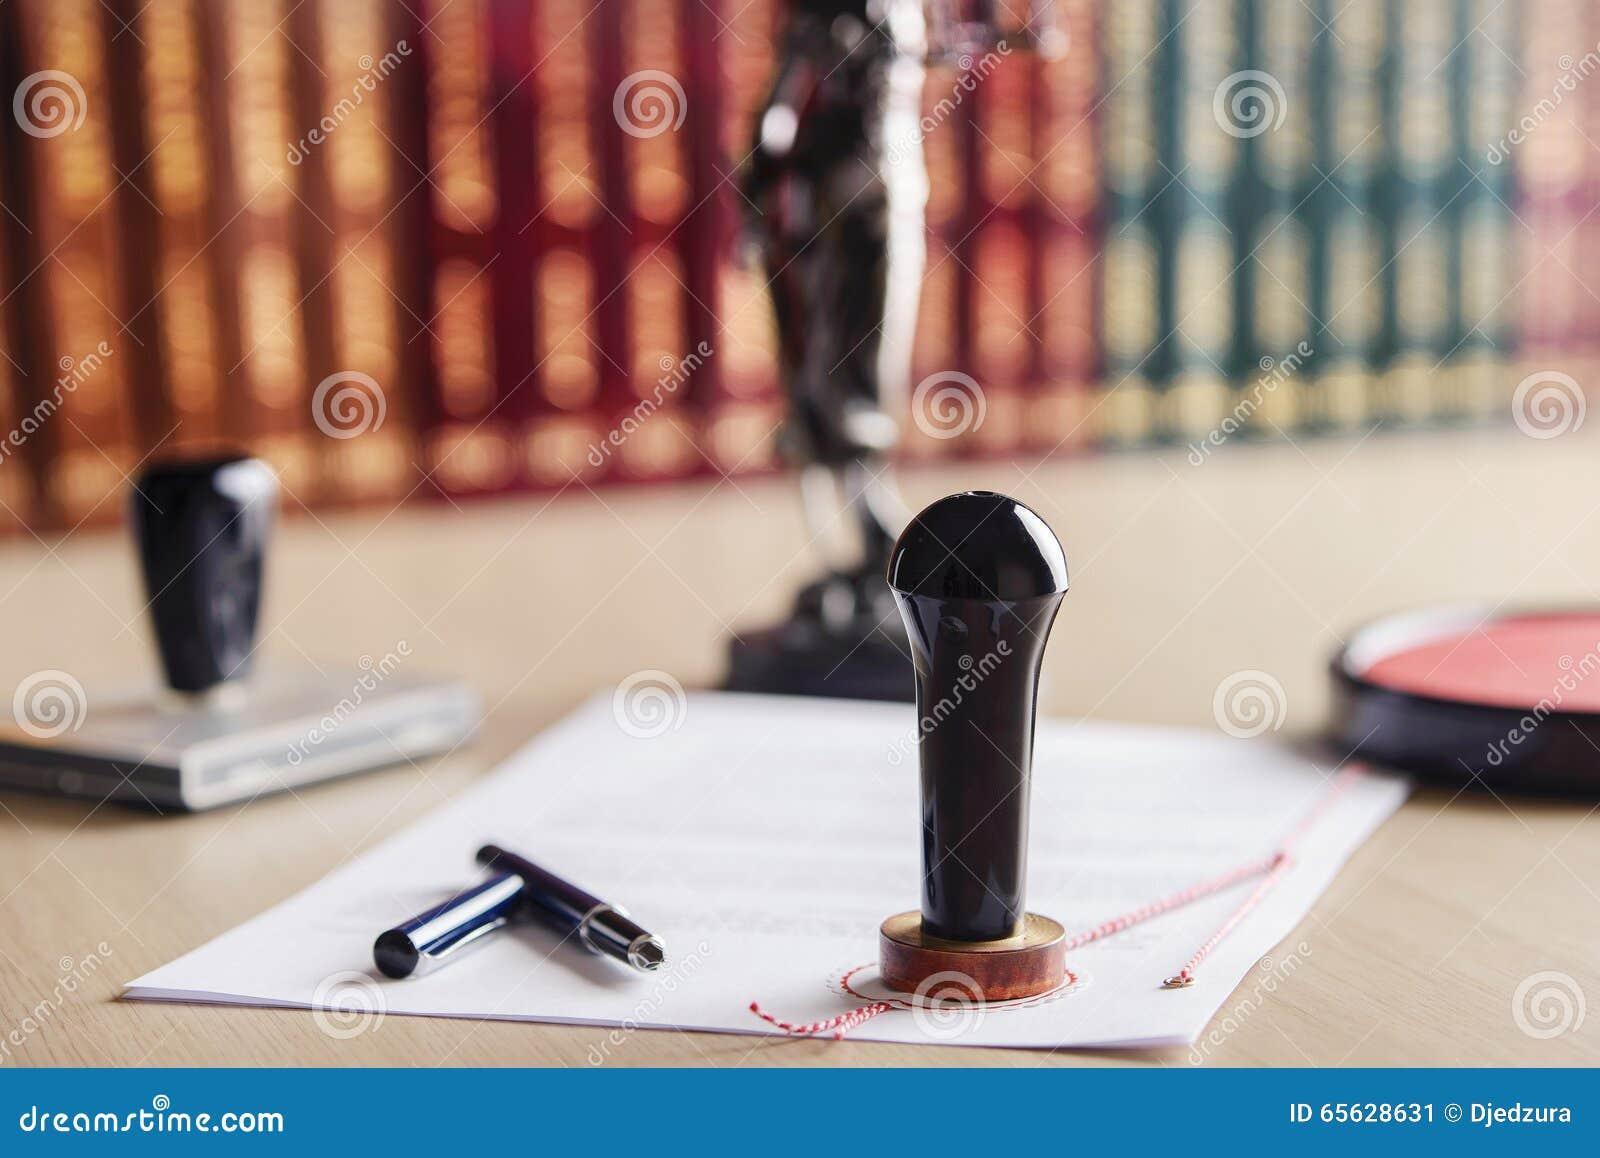 Emboutissez qui est employé par un notaire